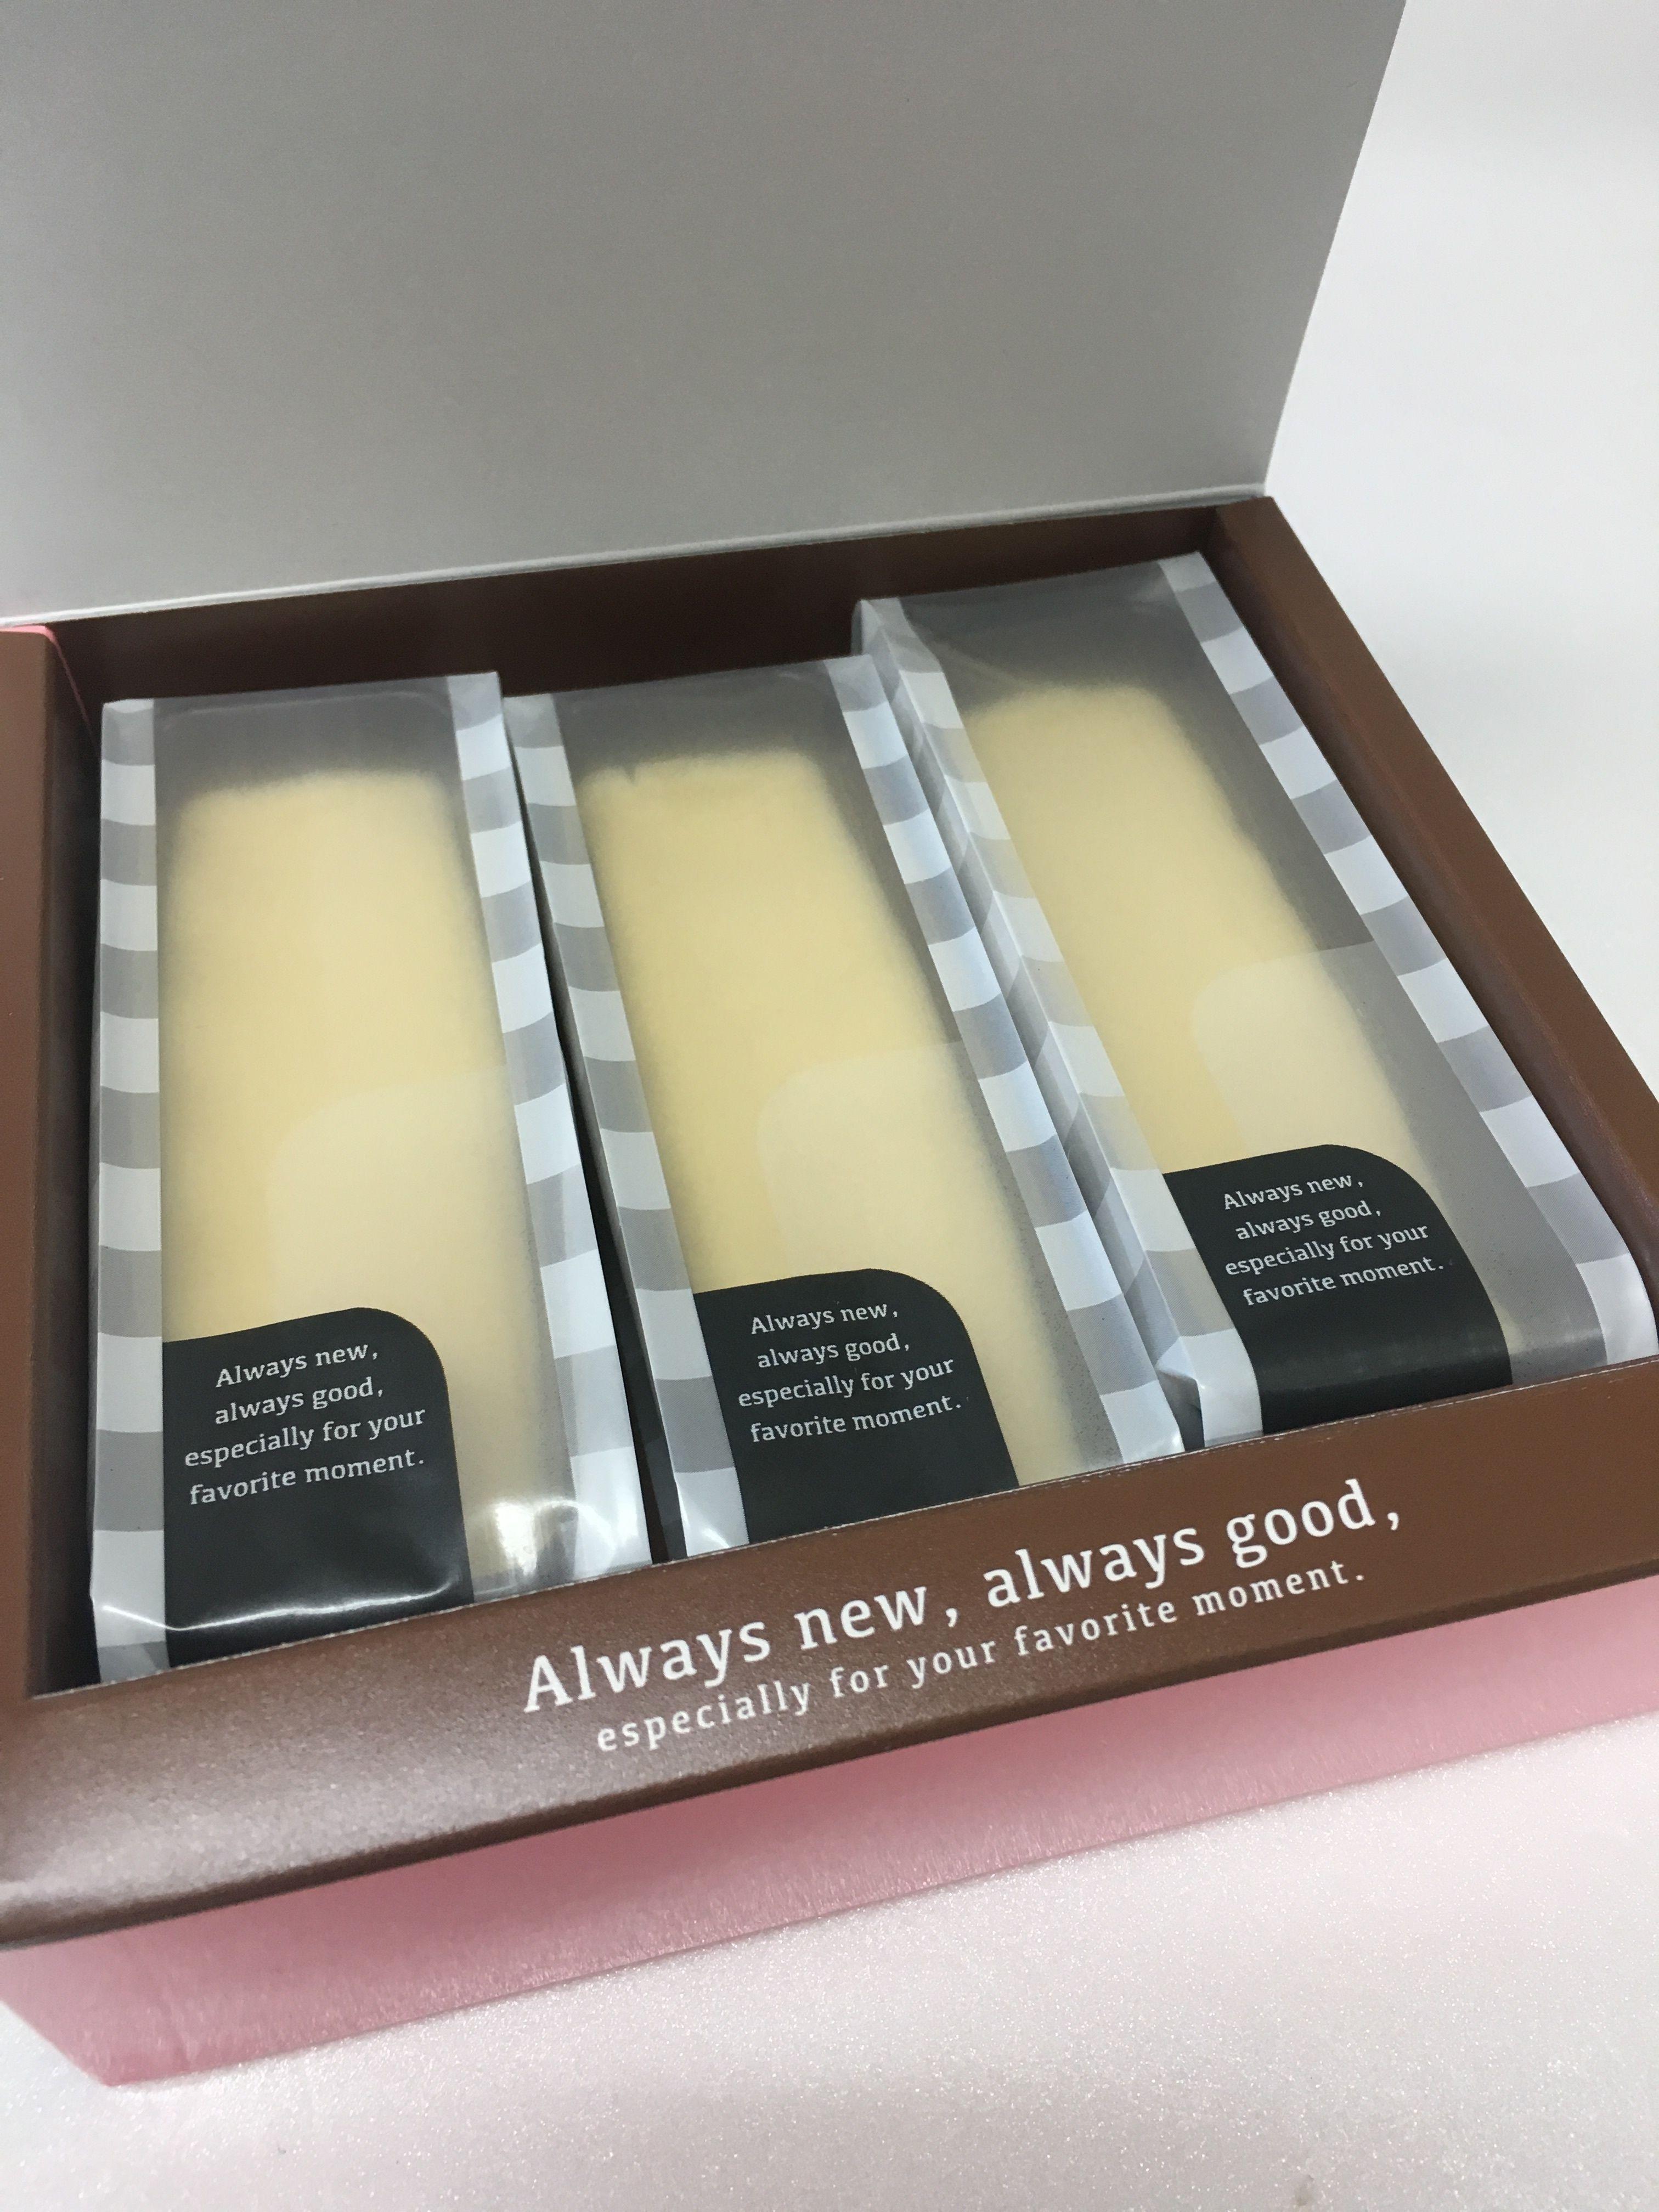 砂糖不使用!!低糖質&低カロリー!1カップなんと糖質2.3g!カロリー158kcal! 添加物不使用!豆乳入りなめらかチーズのカップケーキ